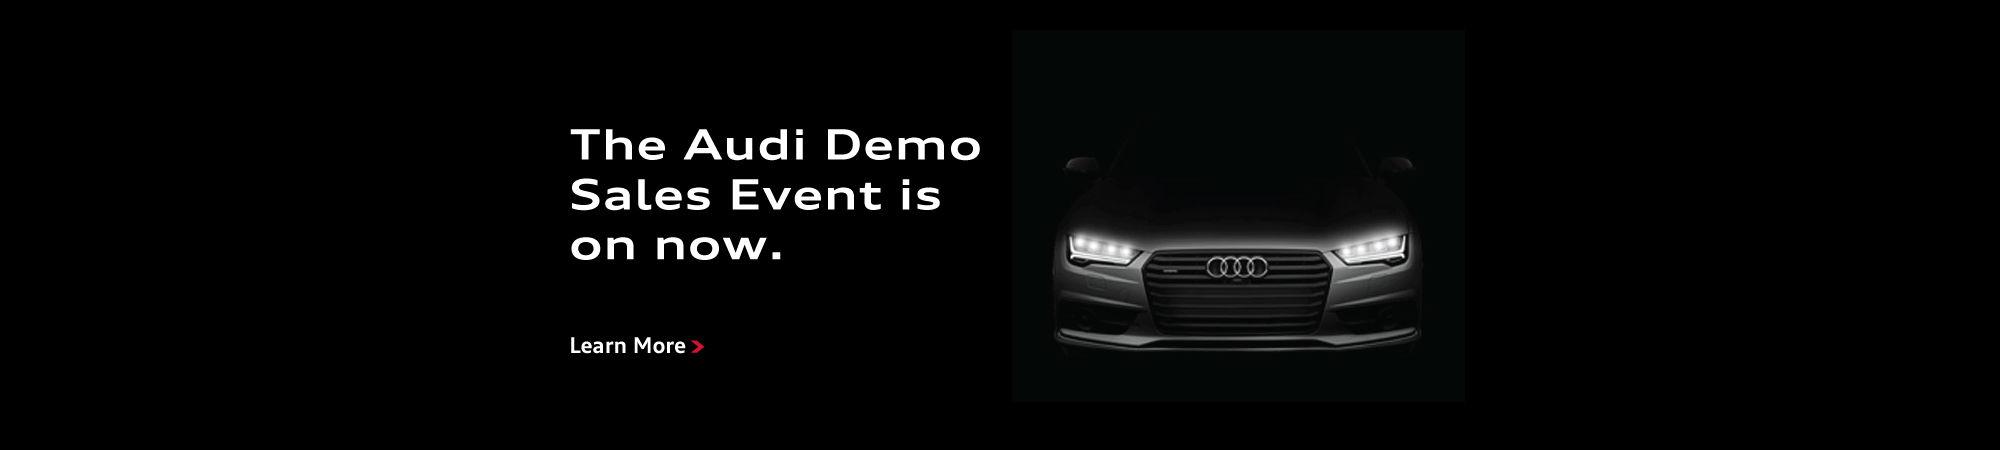 Audi Spring Demo Sales Event Slider